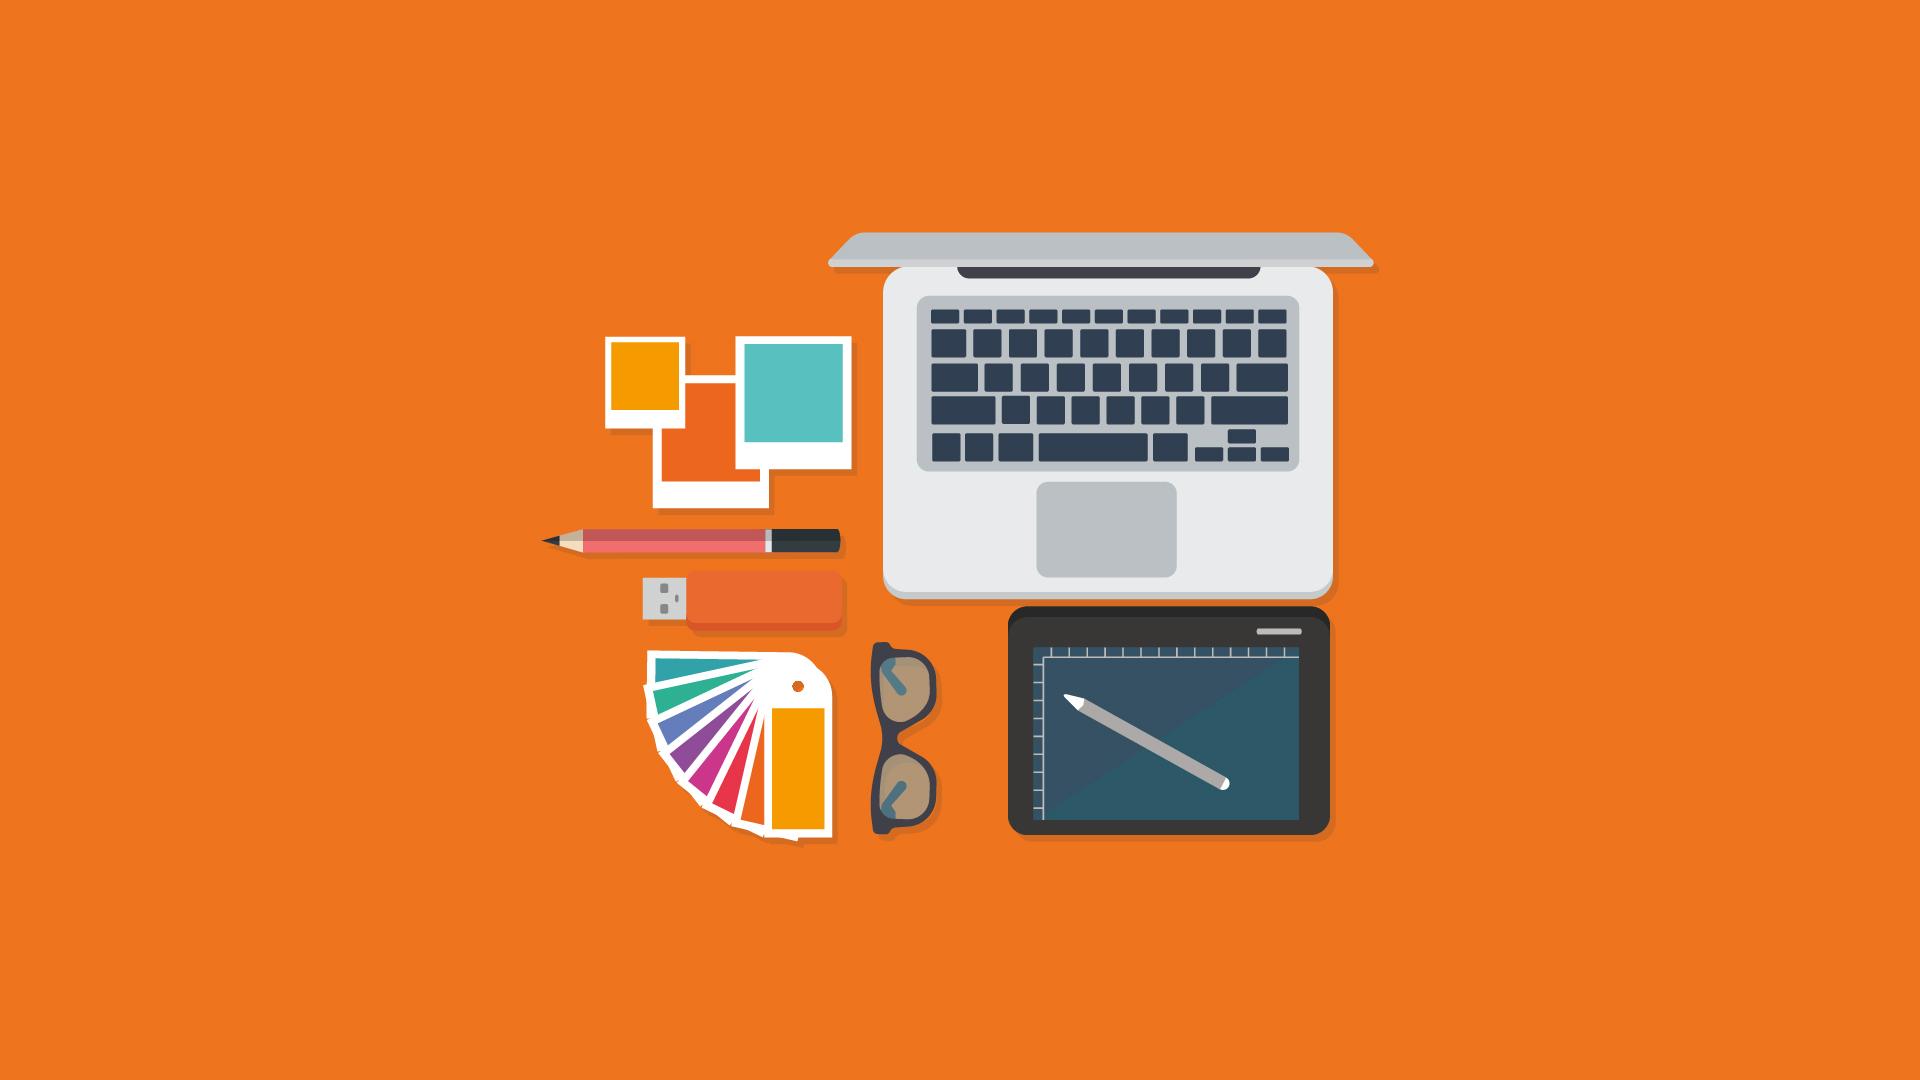 Kilka porad jak zaprojektować logotyp dla firmy